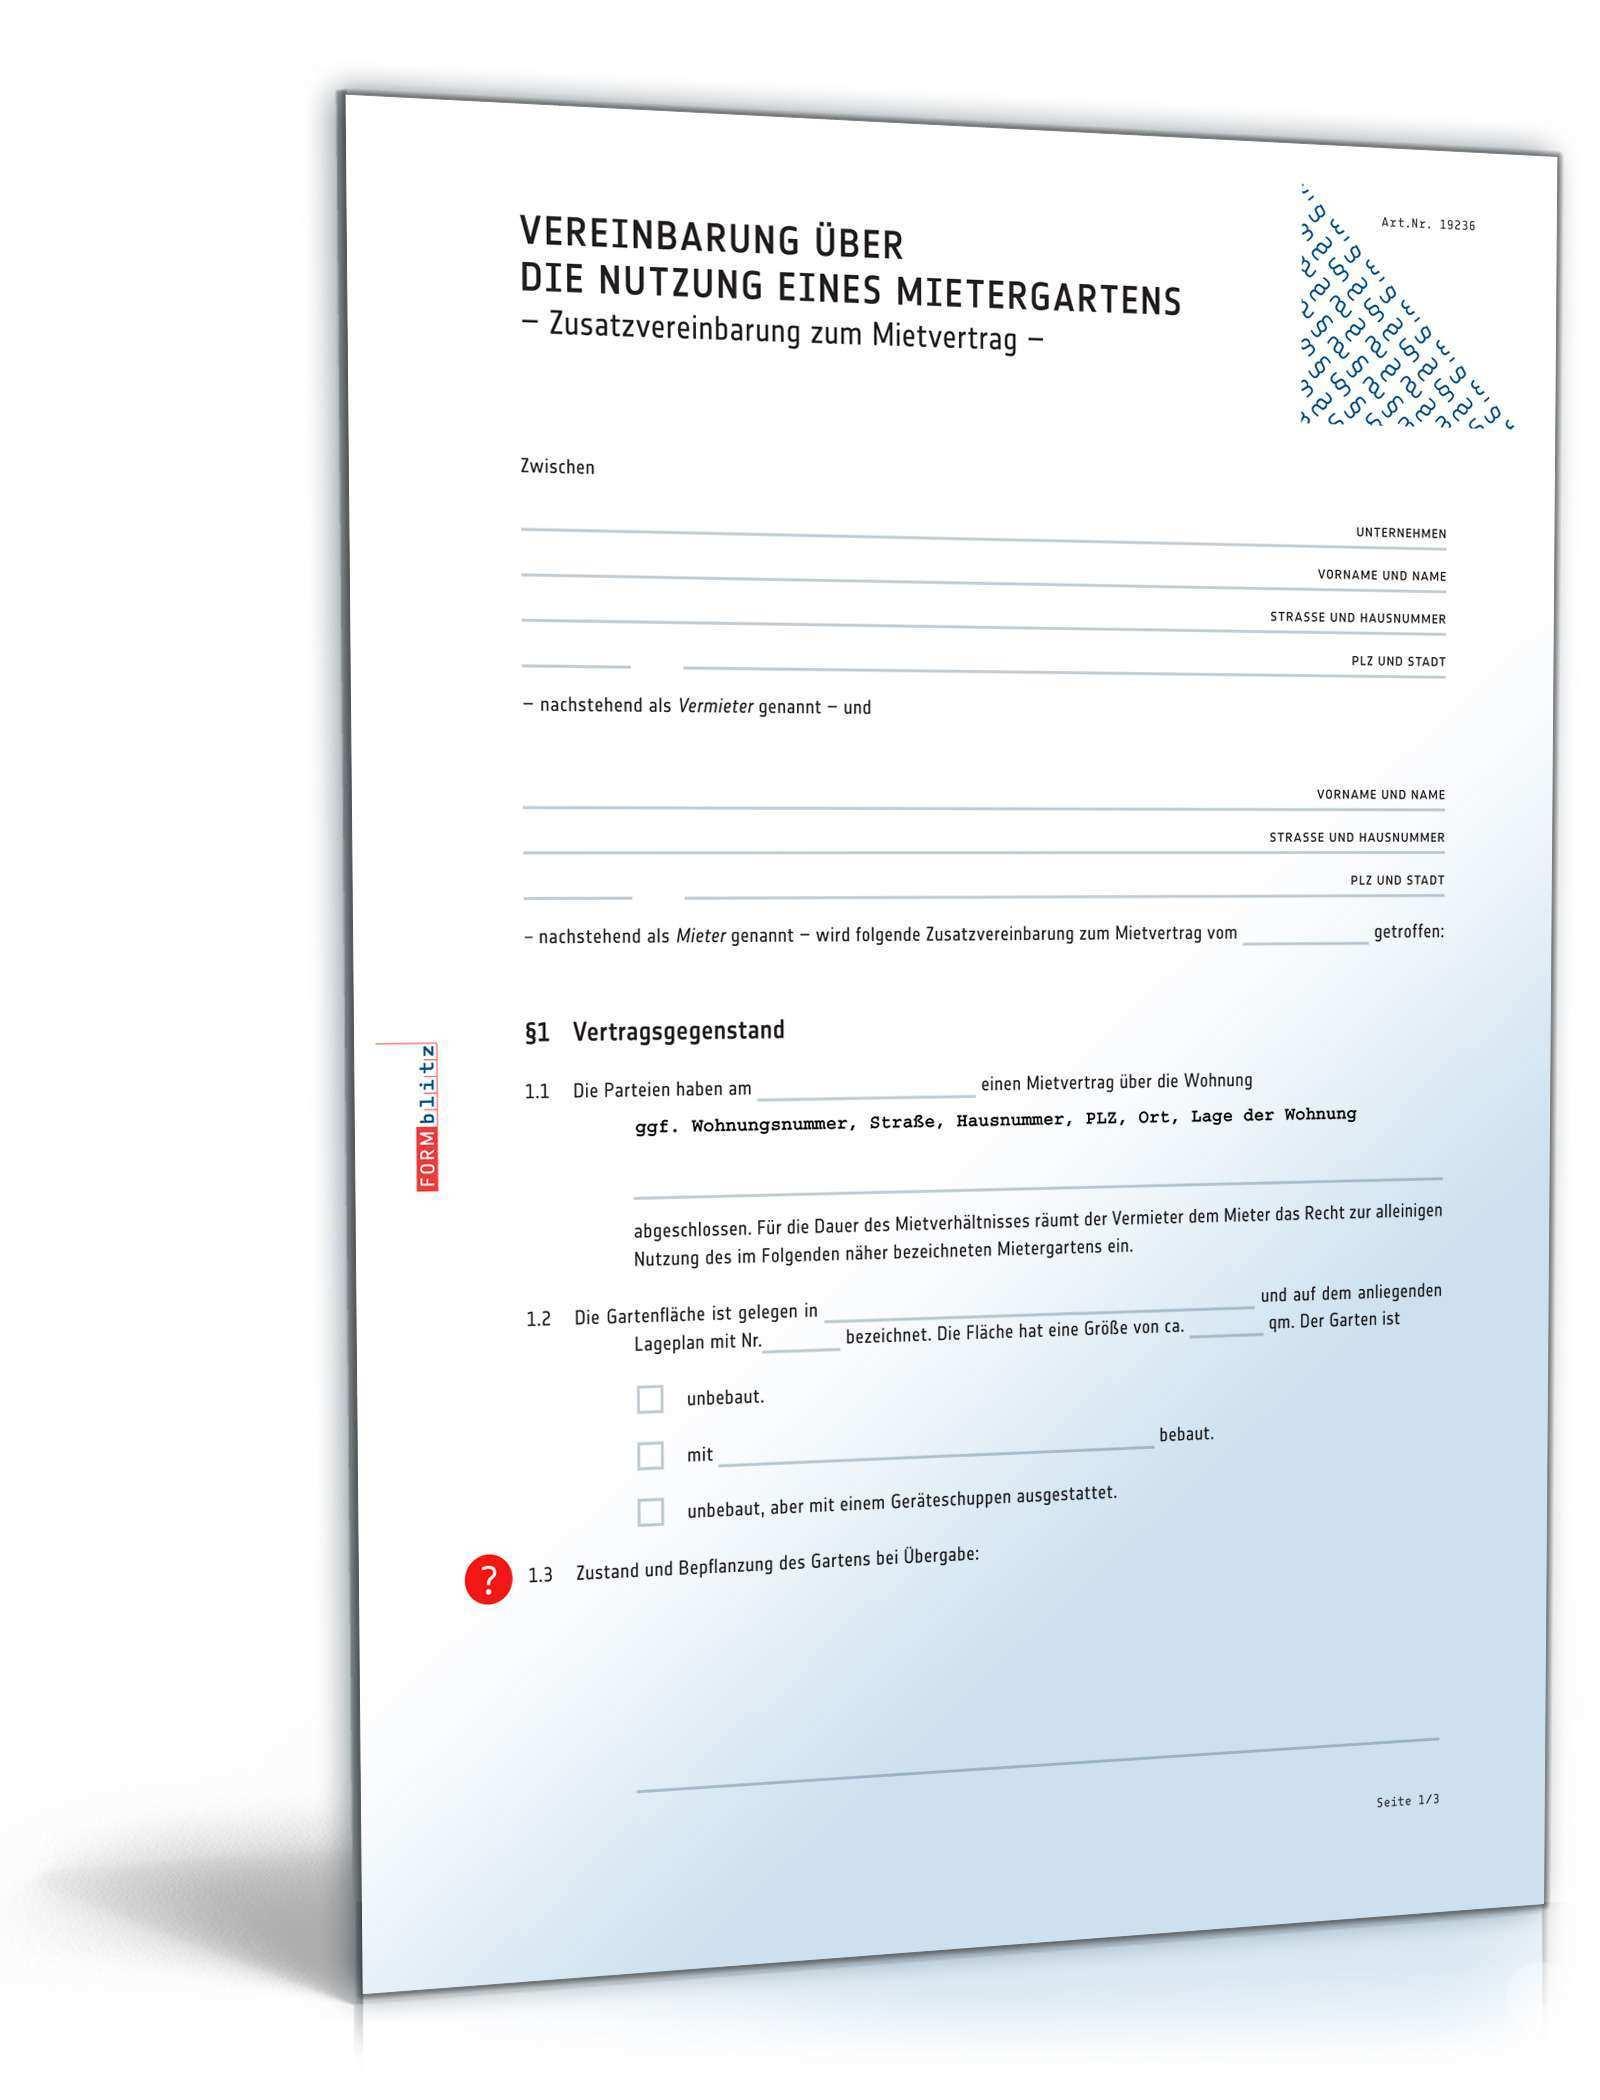 Vereinbarung Nutzung Mietergarten Muster Zum Download